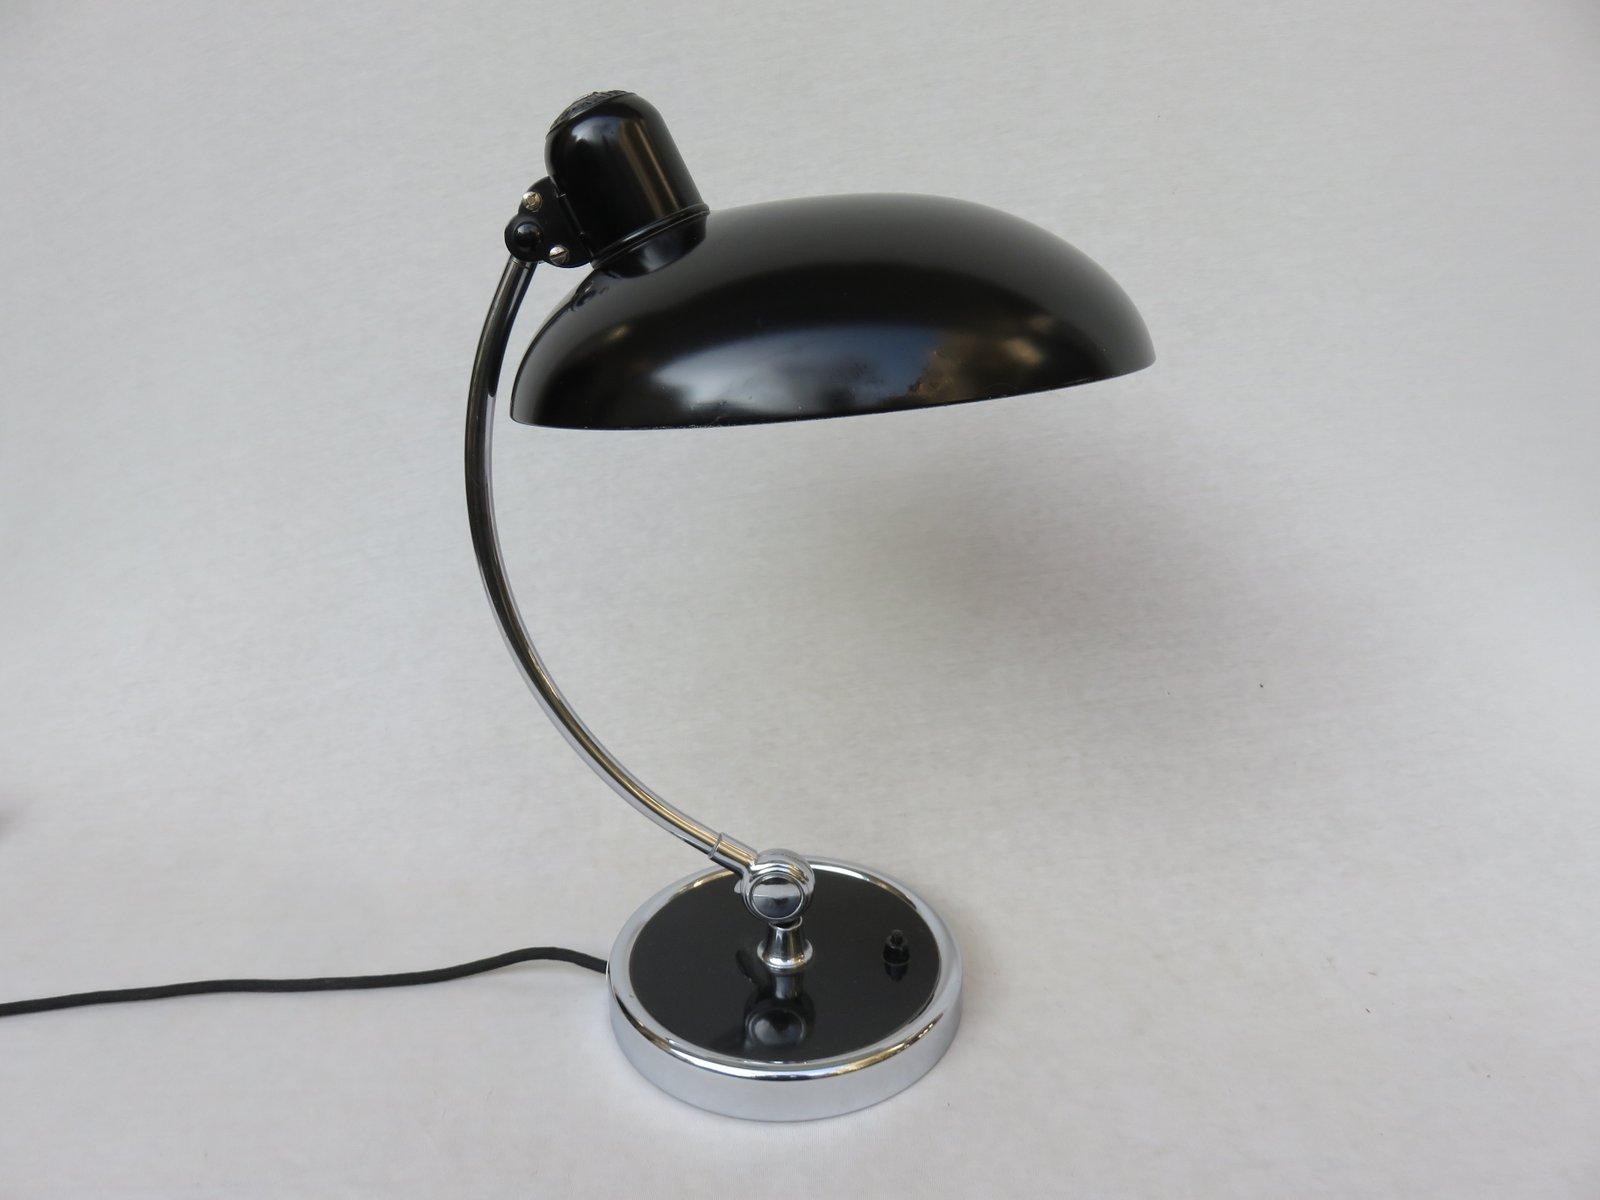 schwarze schreibtischlampe von christian dell f r kaiser idell 1930er bei pamono kaufen. Black Bedroom Furniture Sets. Home Design Ideas